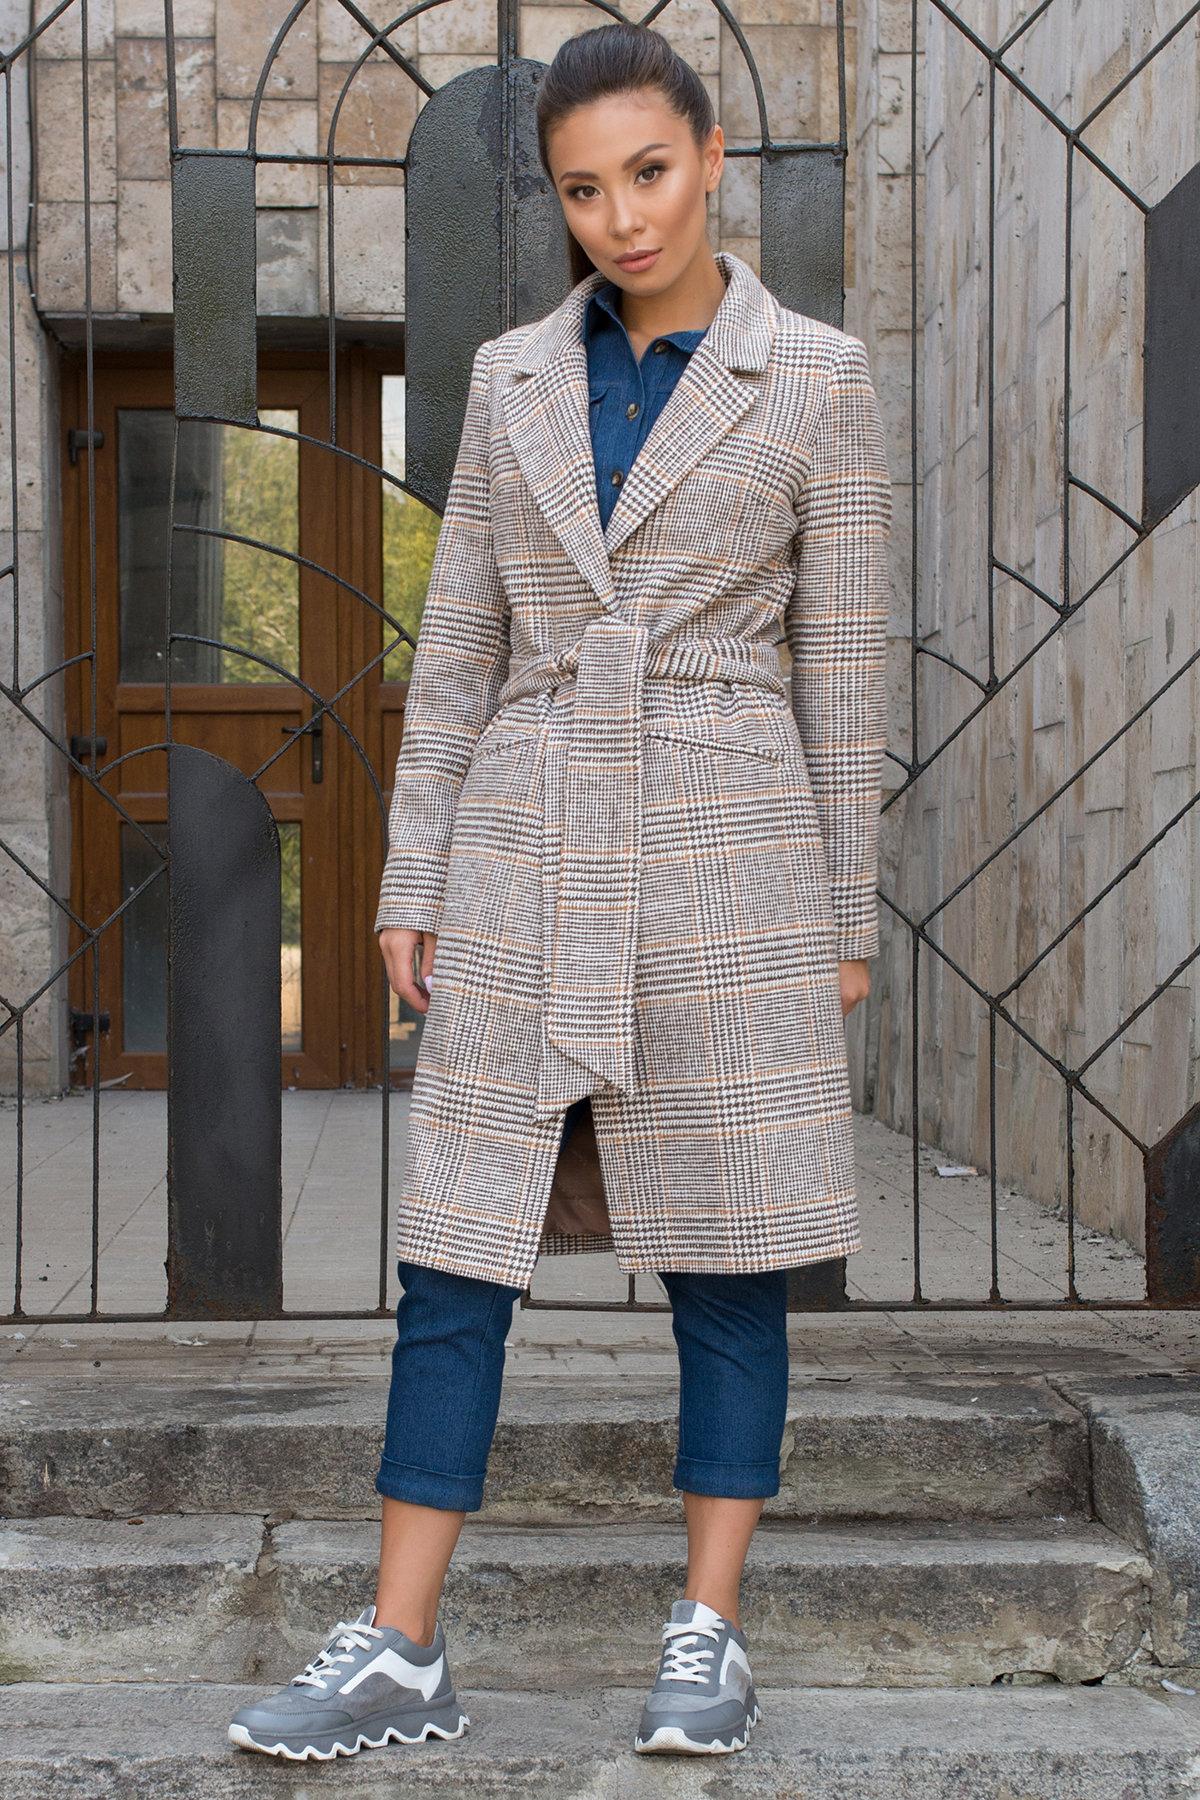 Клетчатое пальто светло серого цвета Эрли 7861 Цвет: Клетка кр шок/мол/беж